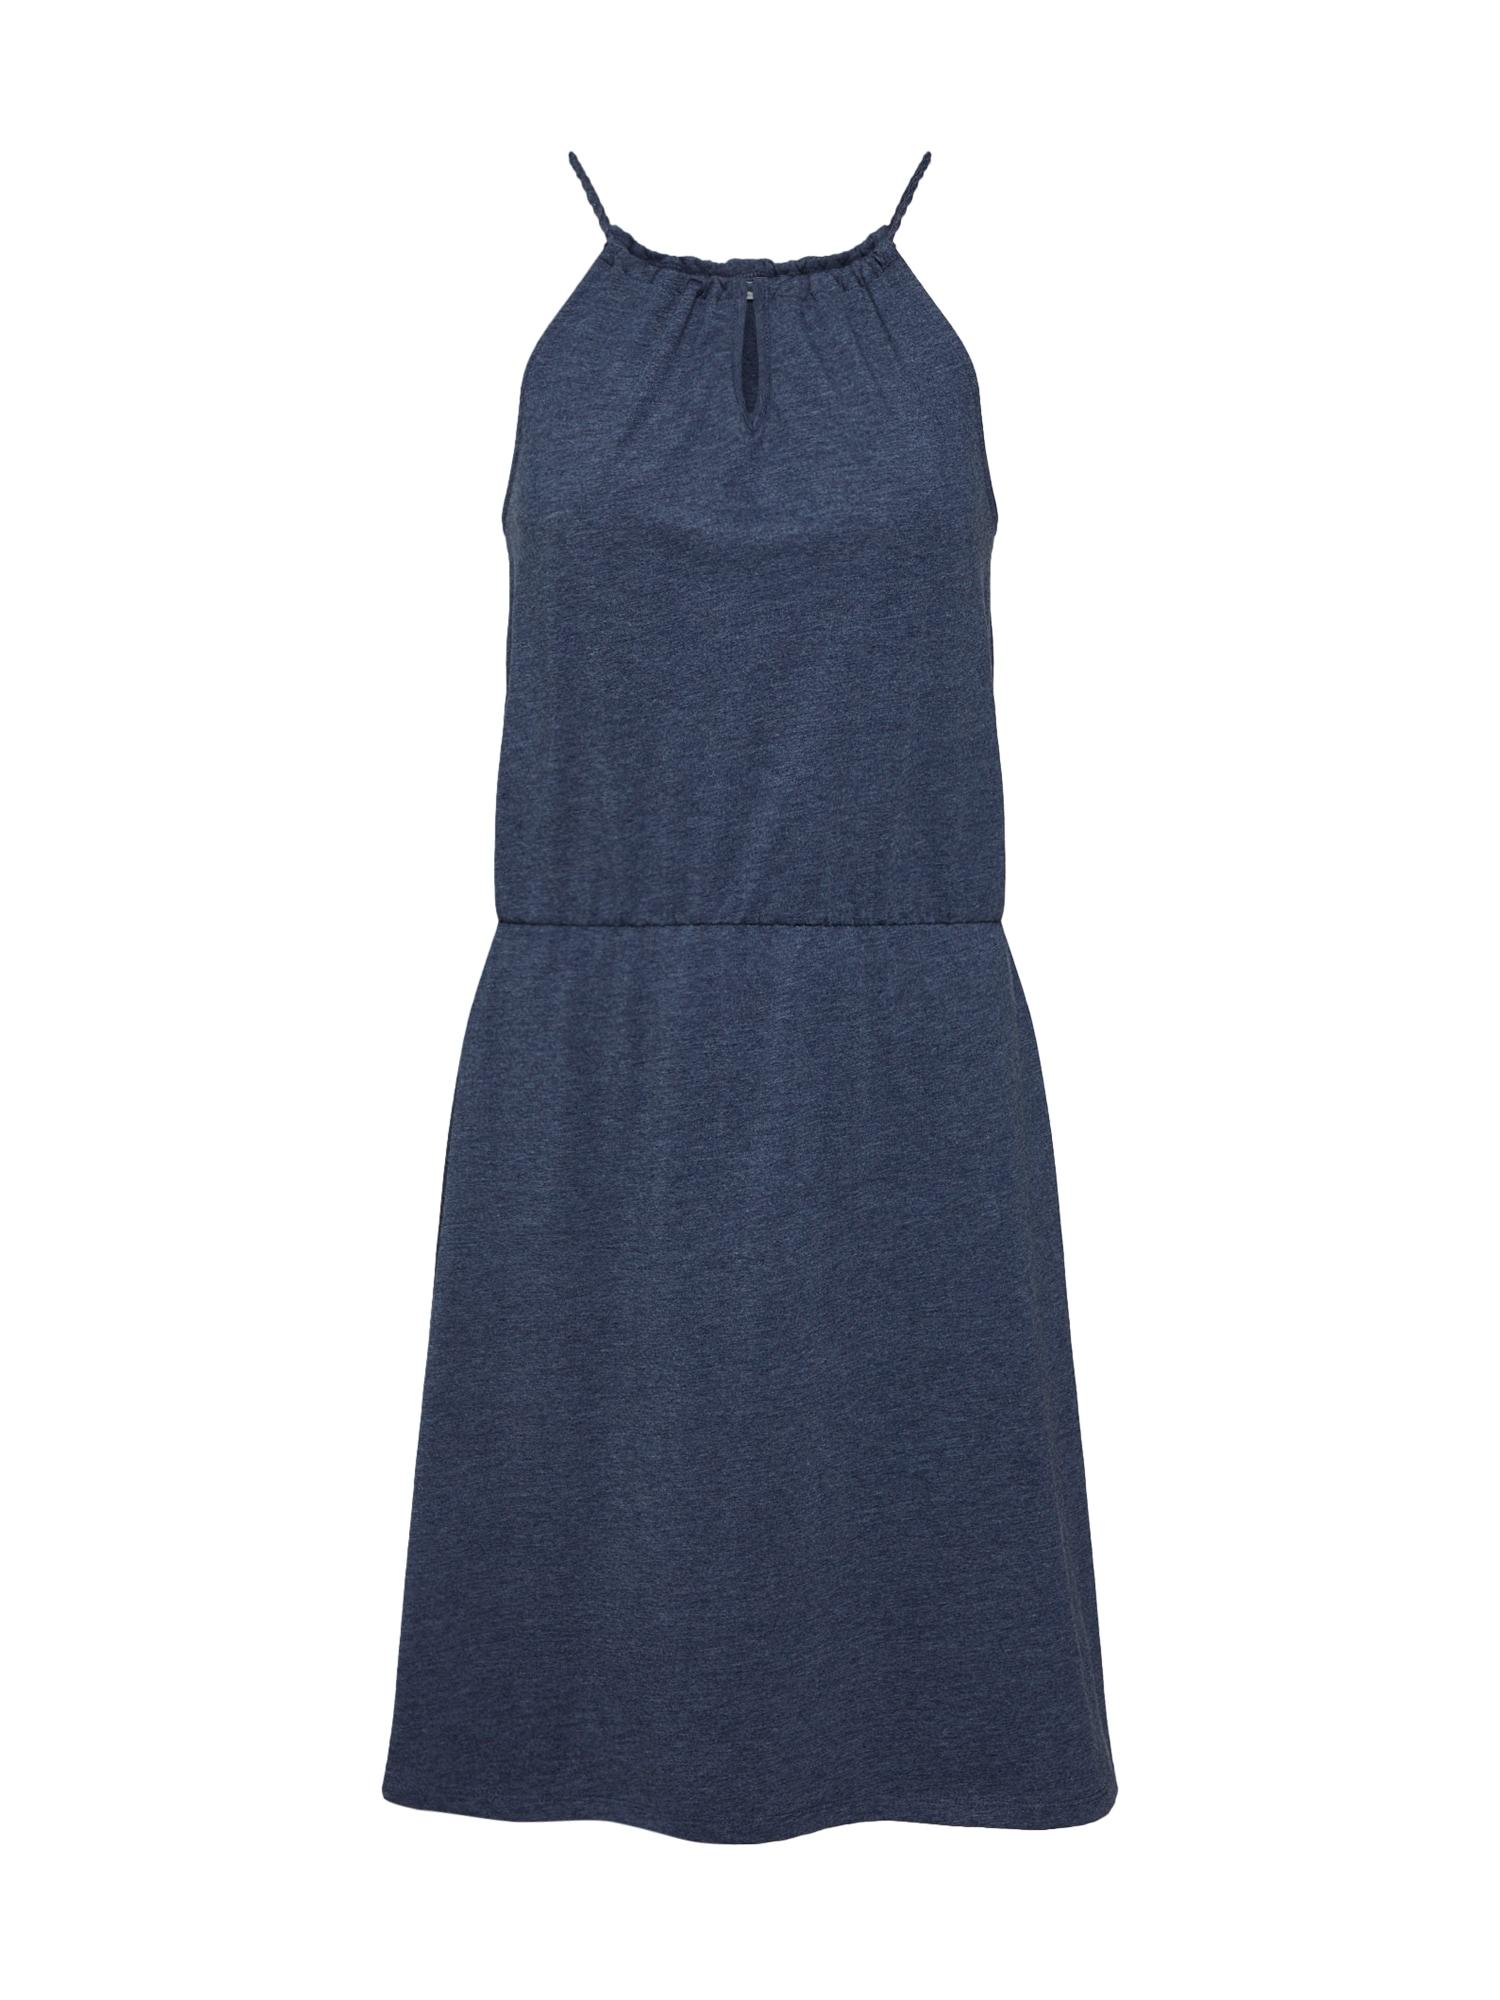 EDC BY ESPRIT Vasarinė suknelė 'Easy' tamsiai mėlyna